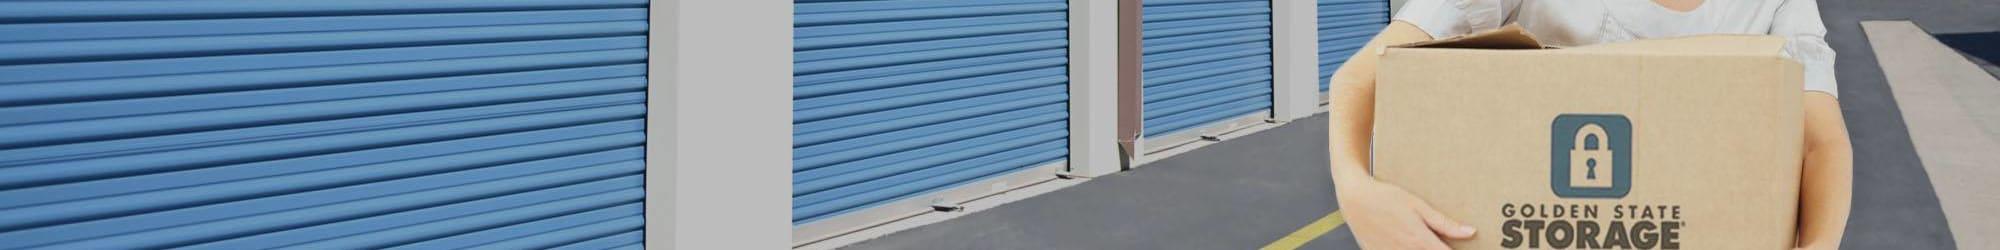 Contact Golden State Storage - Oak Avenue in Santa Clarita, California